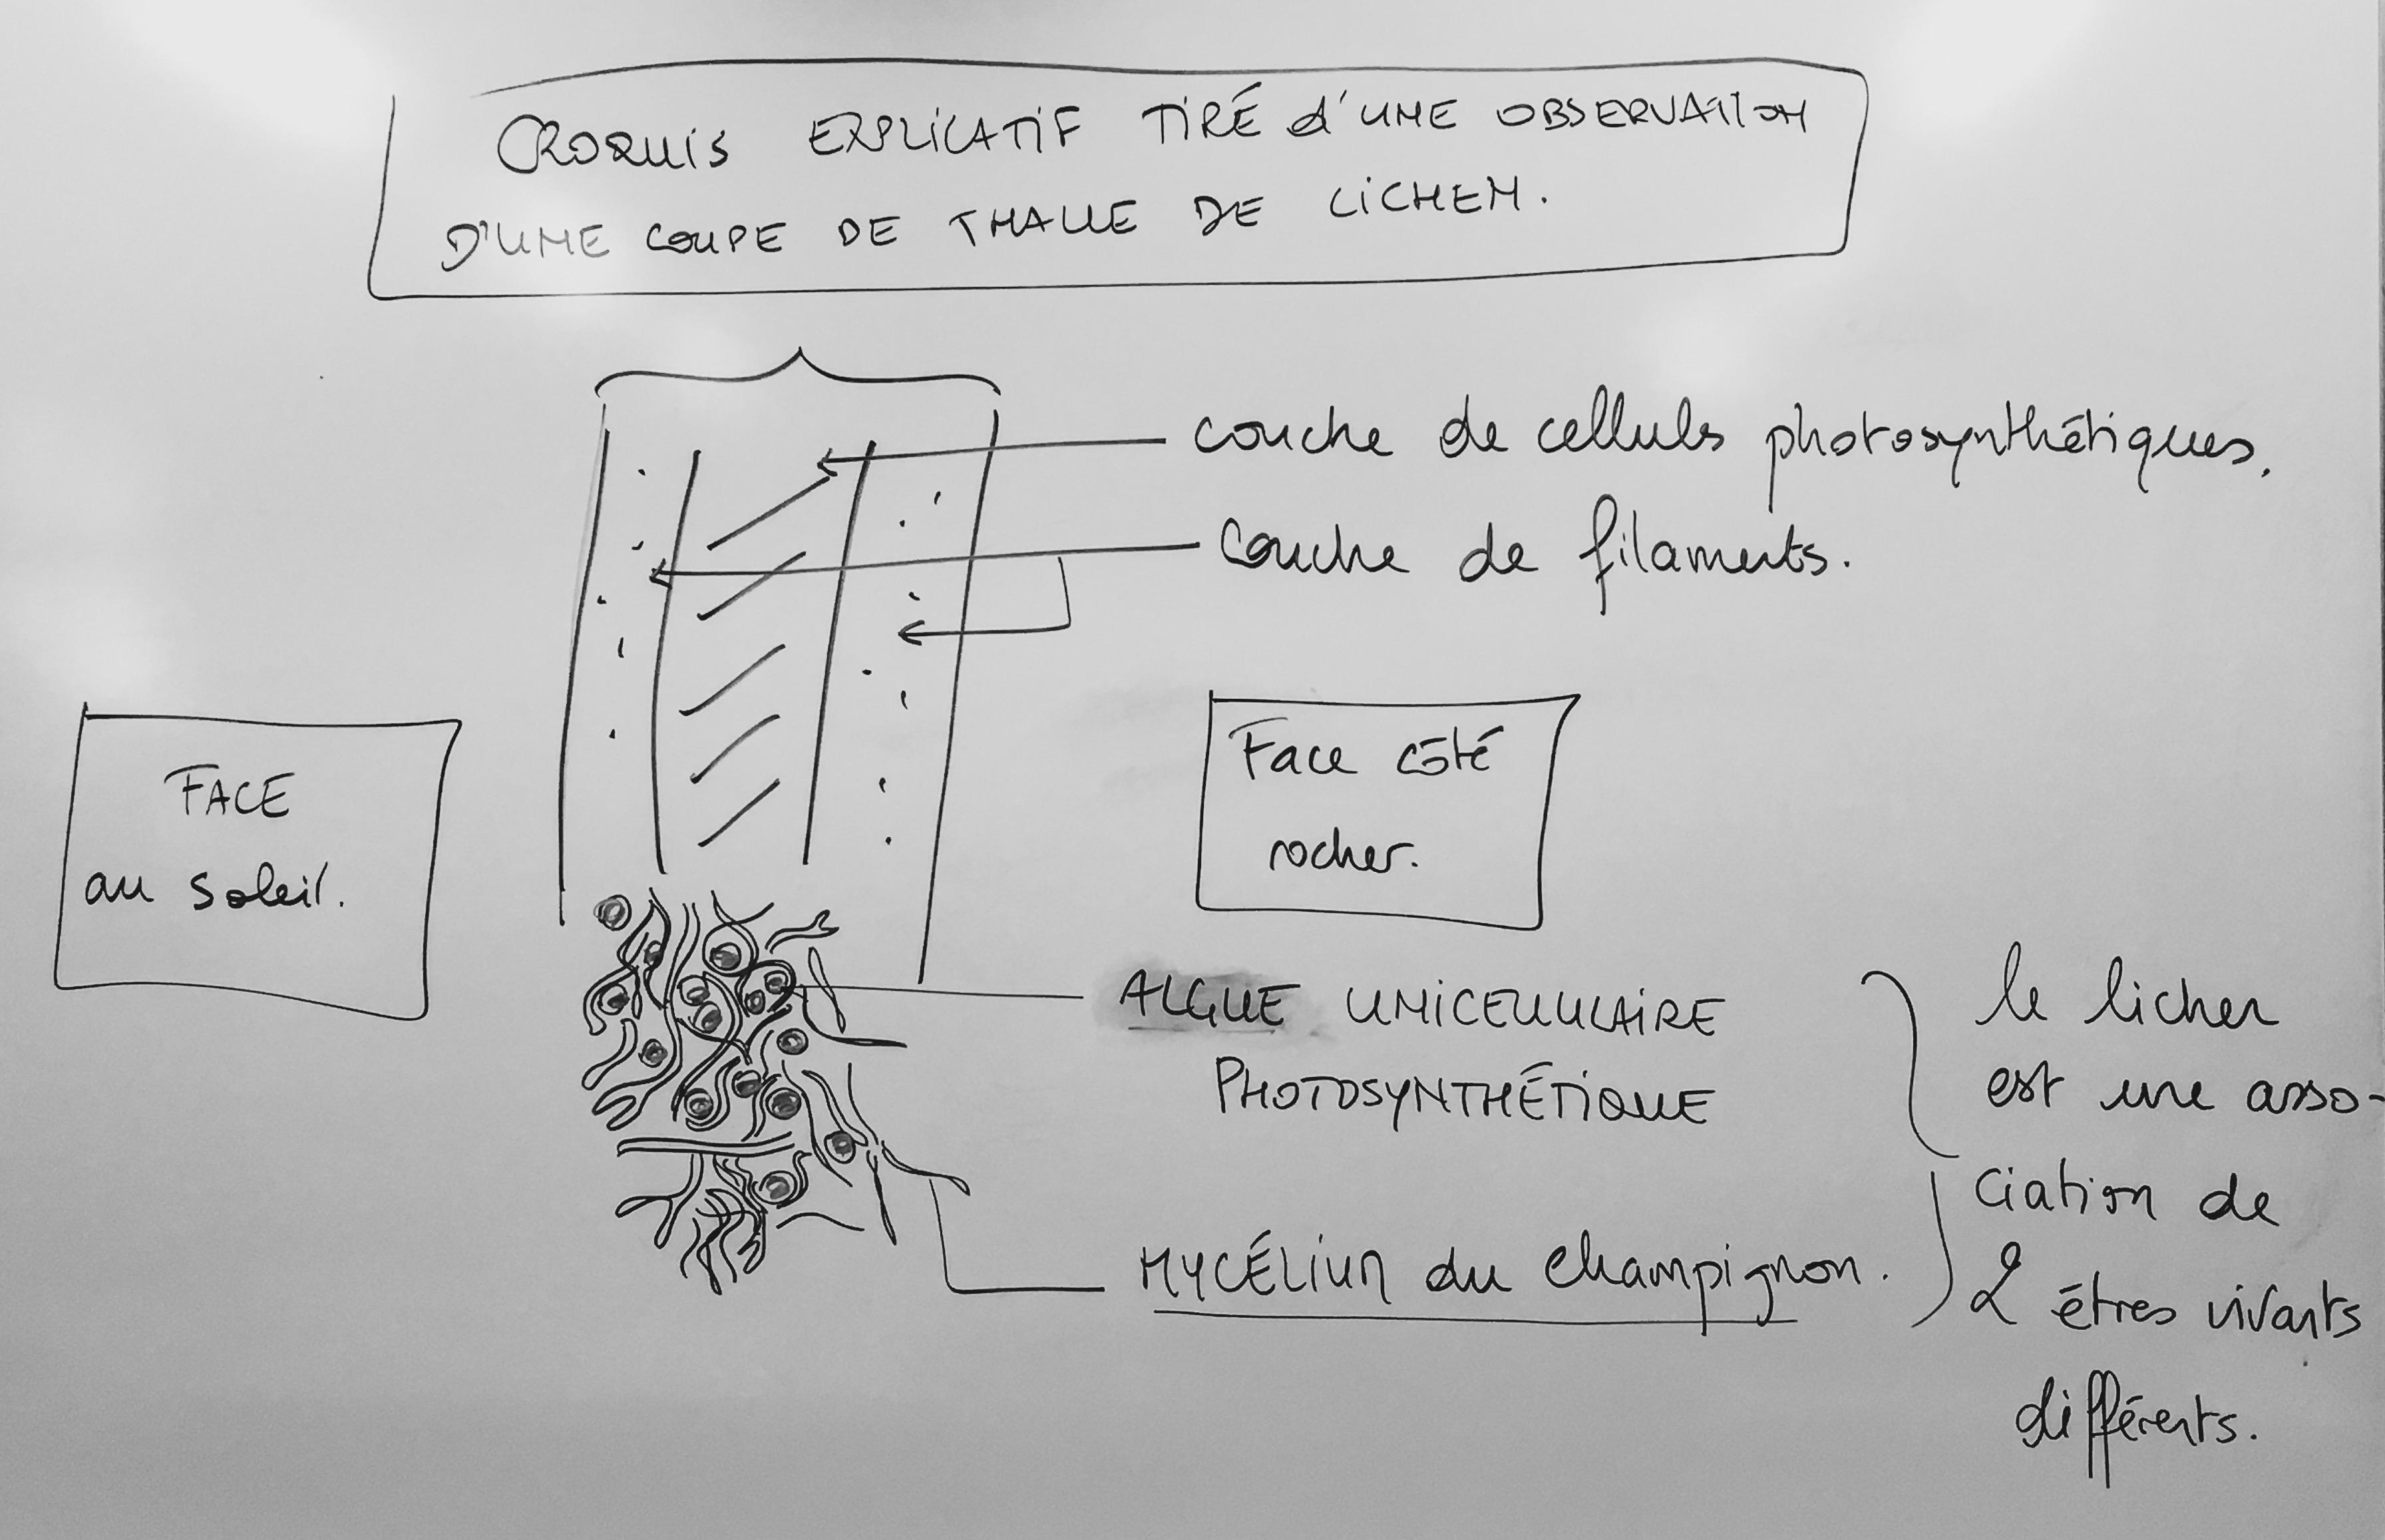 GRATUIT LYCÉE GRATUIT ANAGÈNE TÉLÉCHARGER